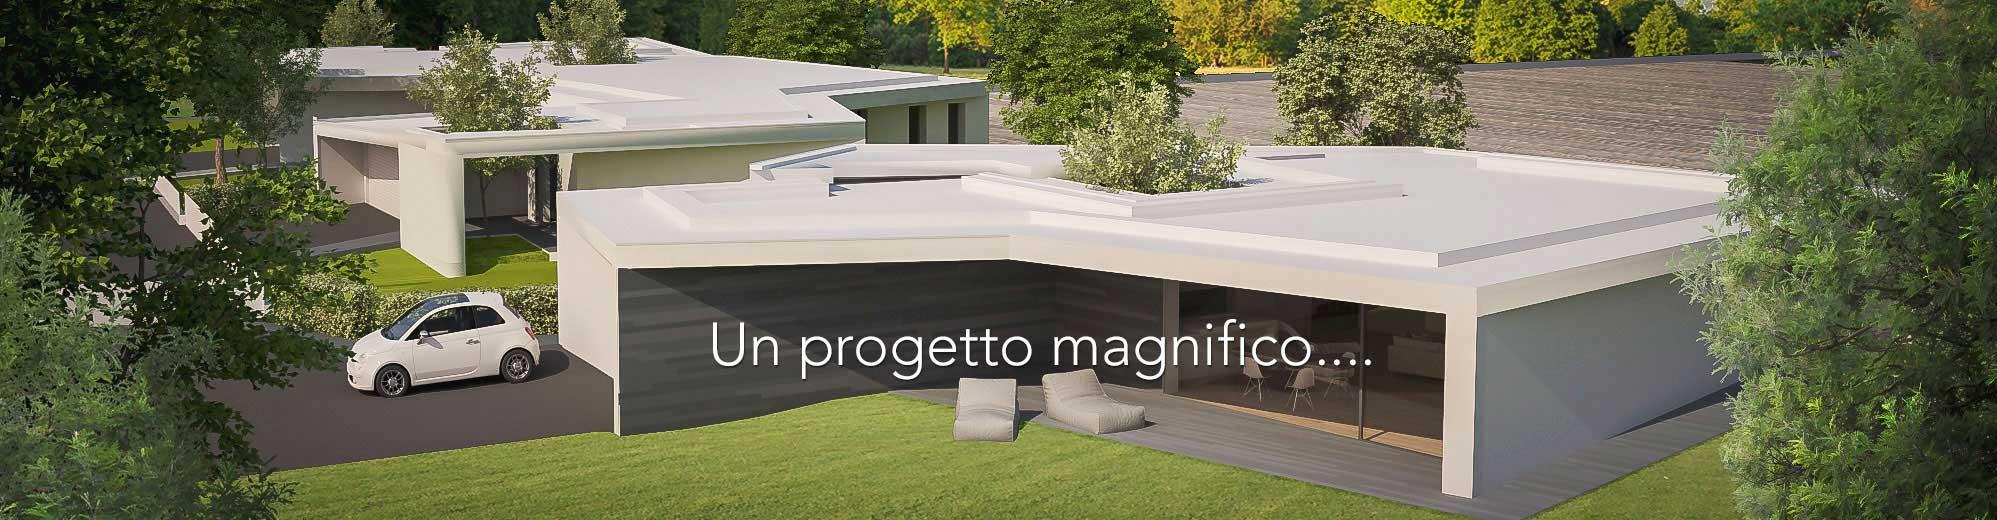 Cool ricerca immobili with progetti case su un piano for Piani domestici su ordinazione arizona